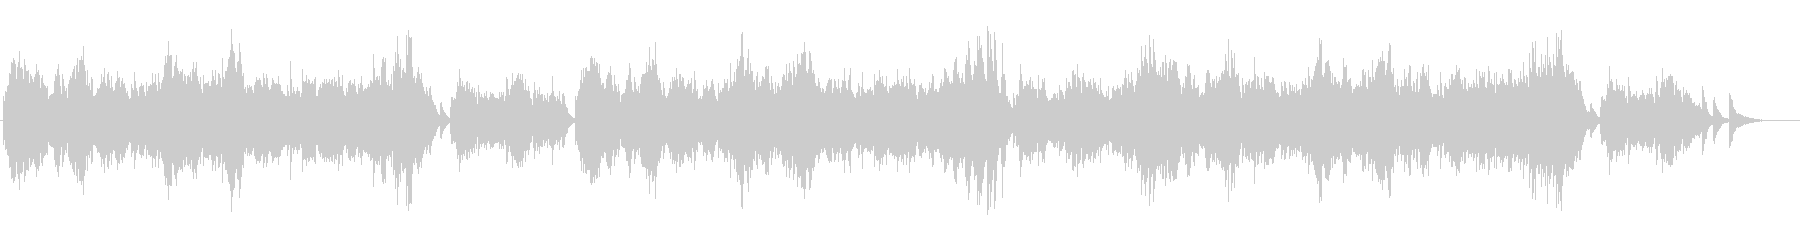 秋の愛の切ないセンチメンタルピアノソロの未再生の波形